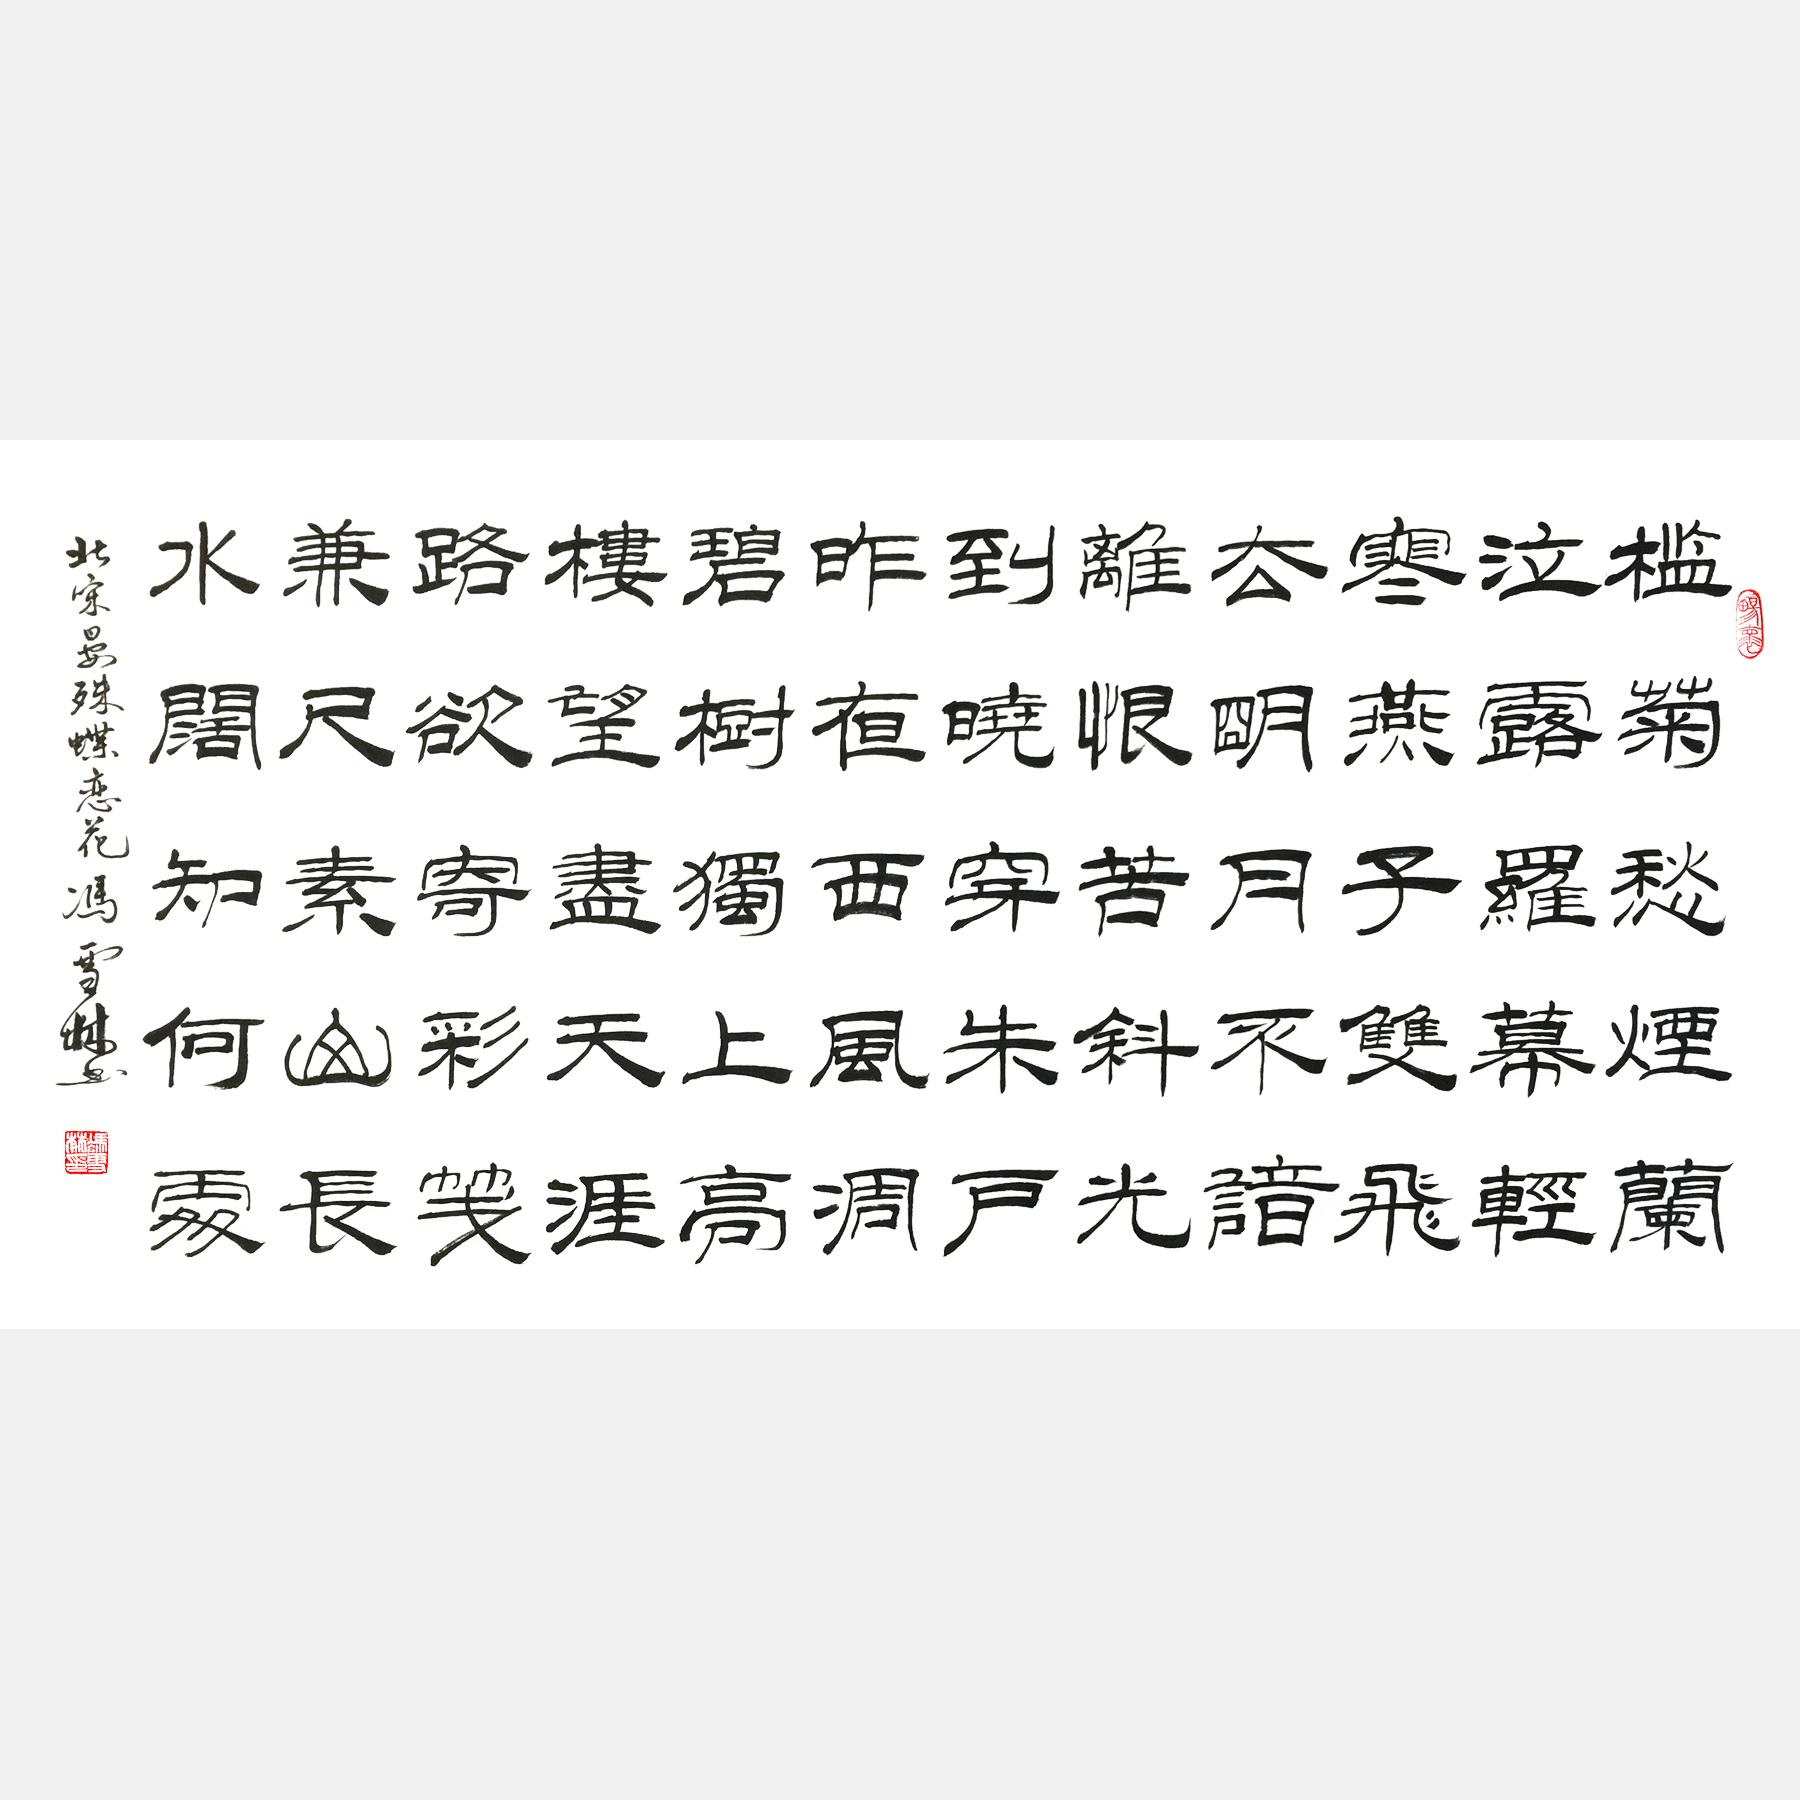 北宋・晏殊《蝶恋花・槛菊愁烟兰泣露》书法作品